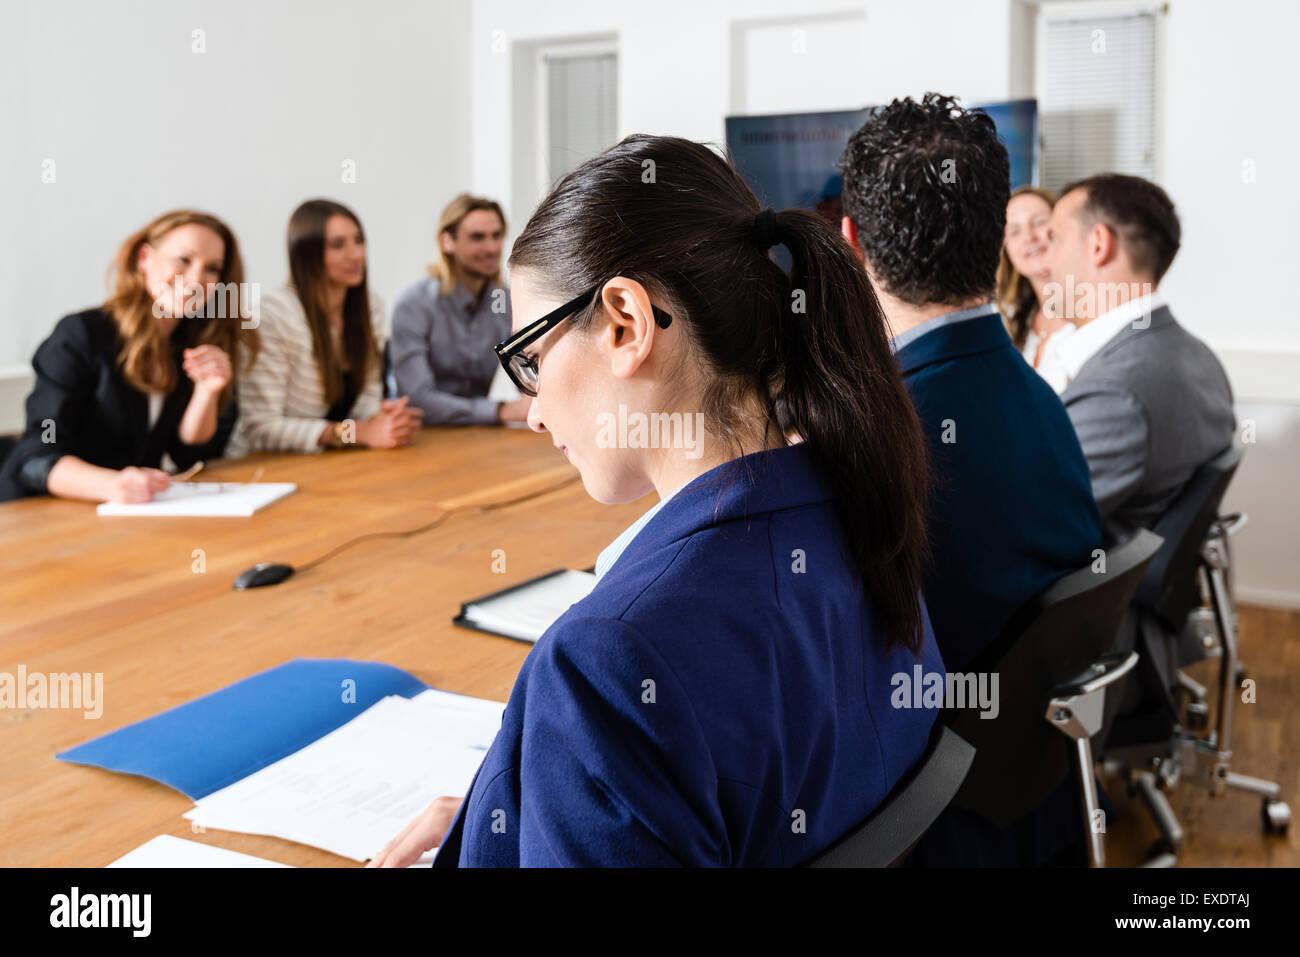 Reunión de negocios Imagen De Stock